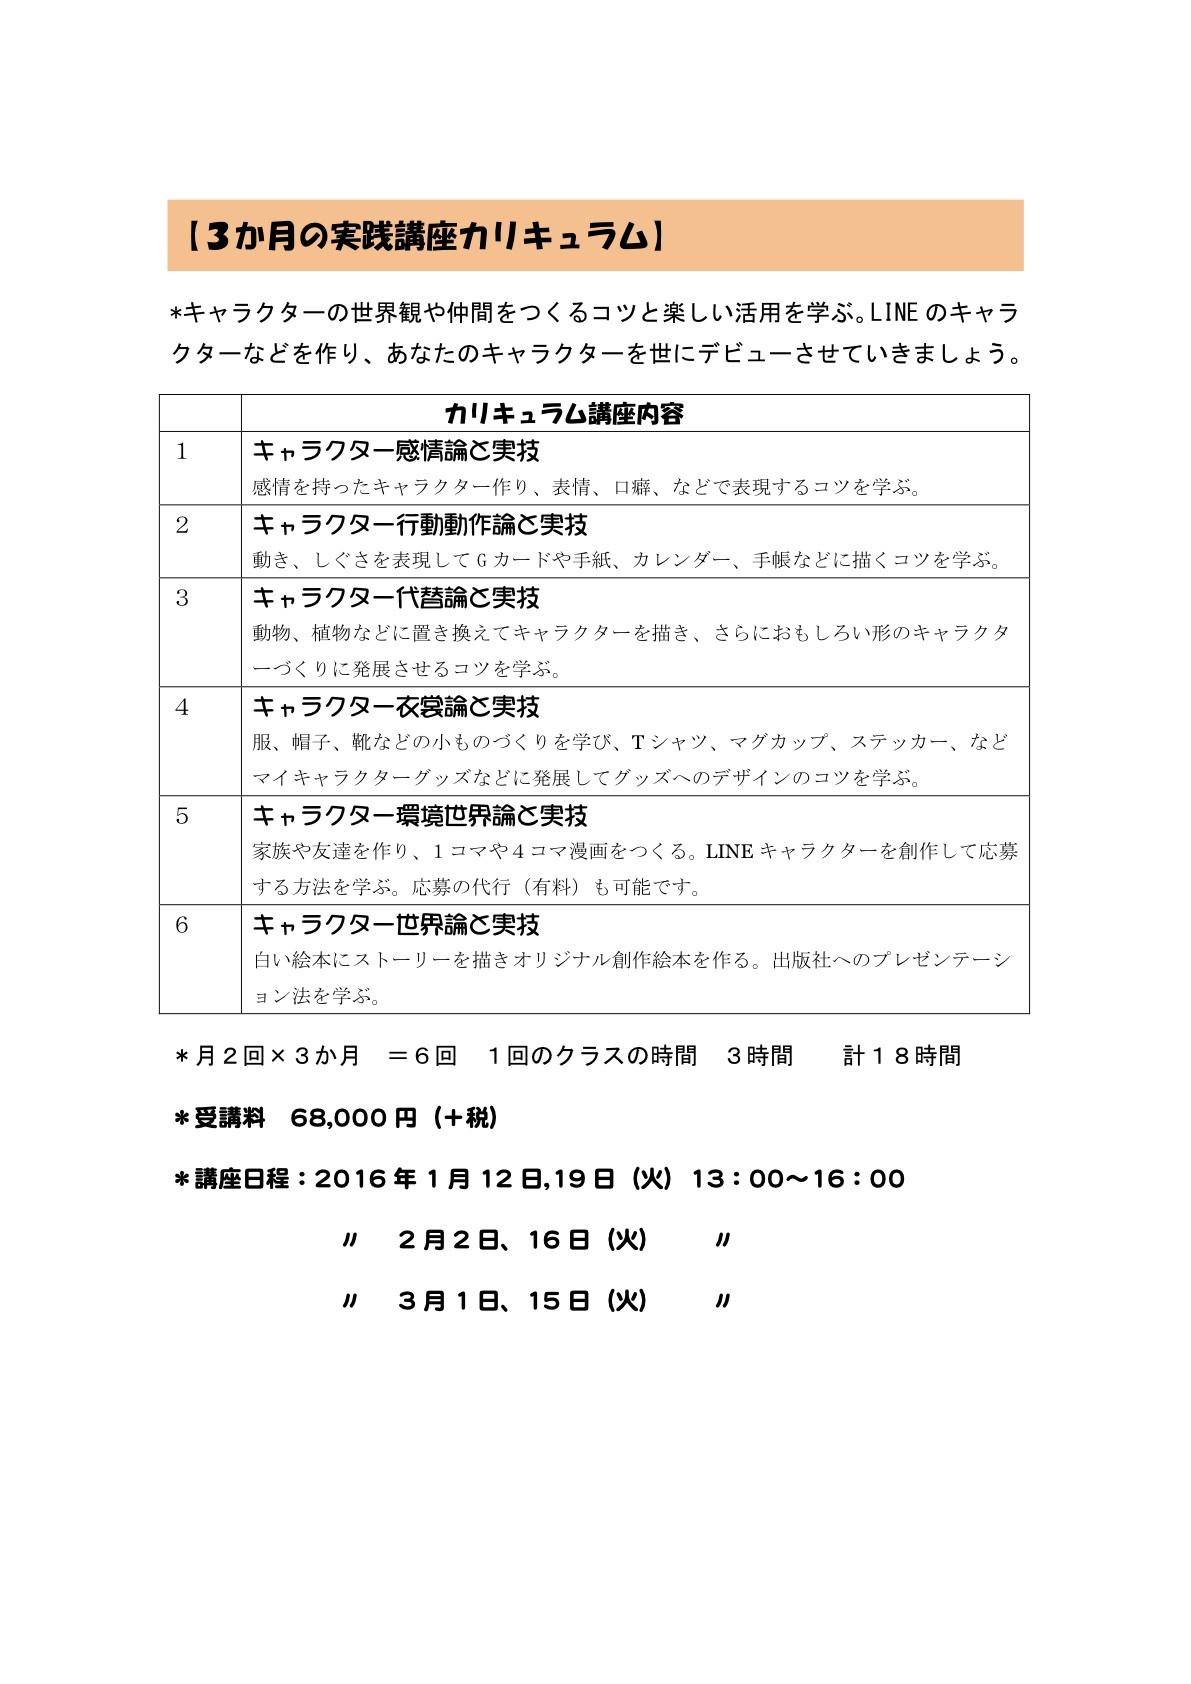 東京キャラクターアート学院のプレ講座_e0082852_1036339.jpg